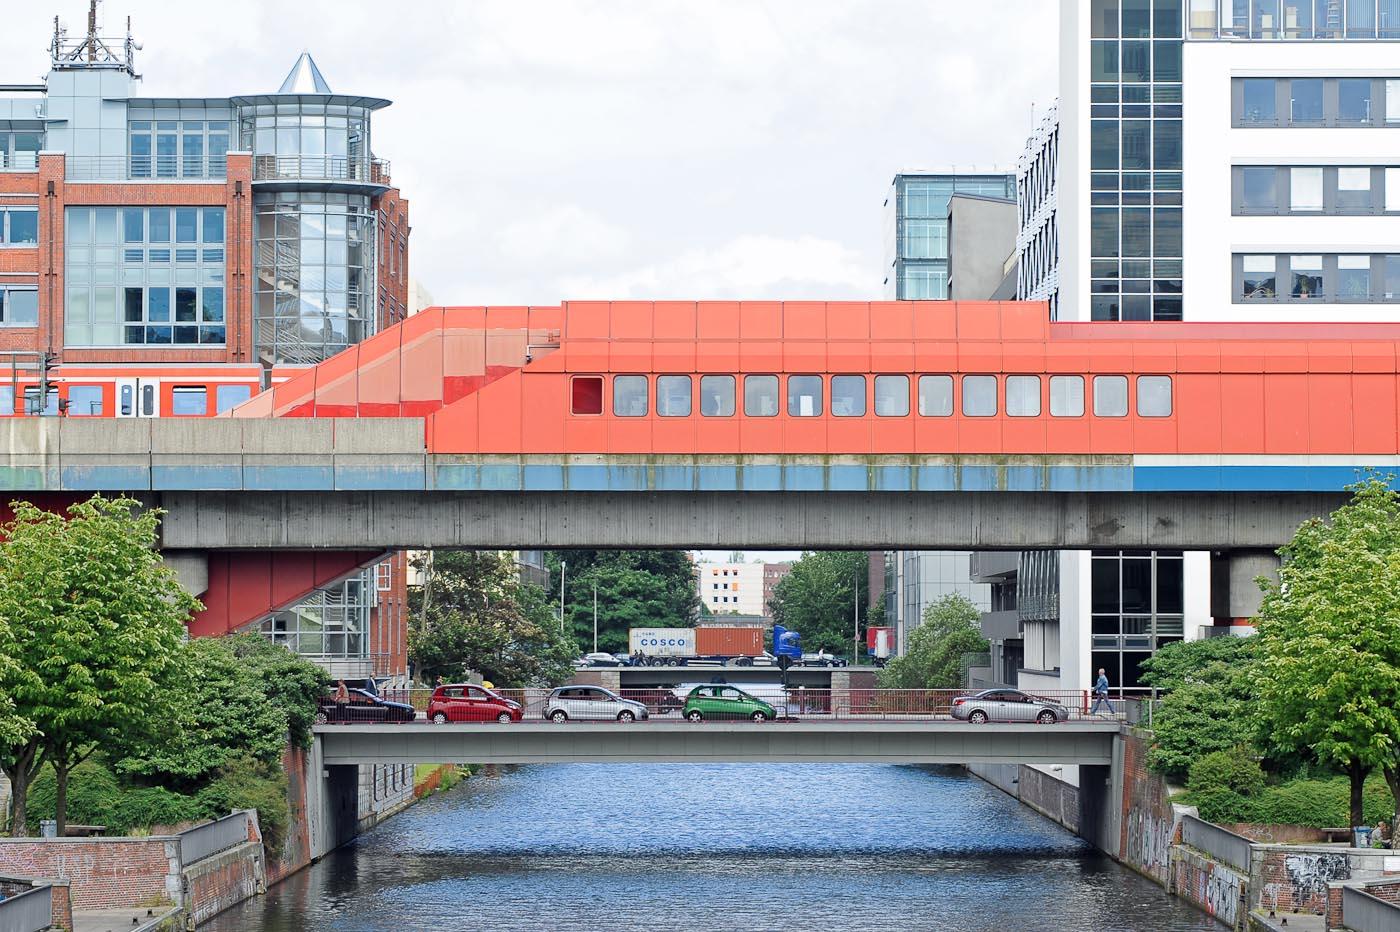 Foto ID 15042620 Blick von der Amsinckstrasse auf den Mittelkanal, Bürohäuser und den S-Bahnhof Hamburg Hammerbrook